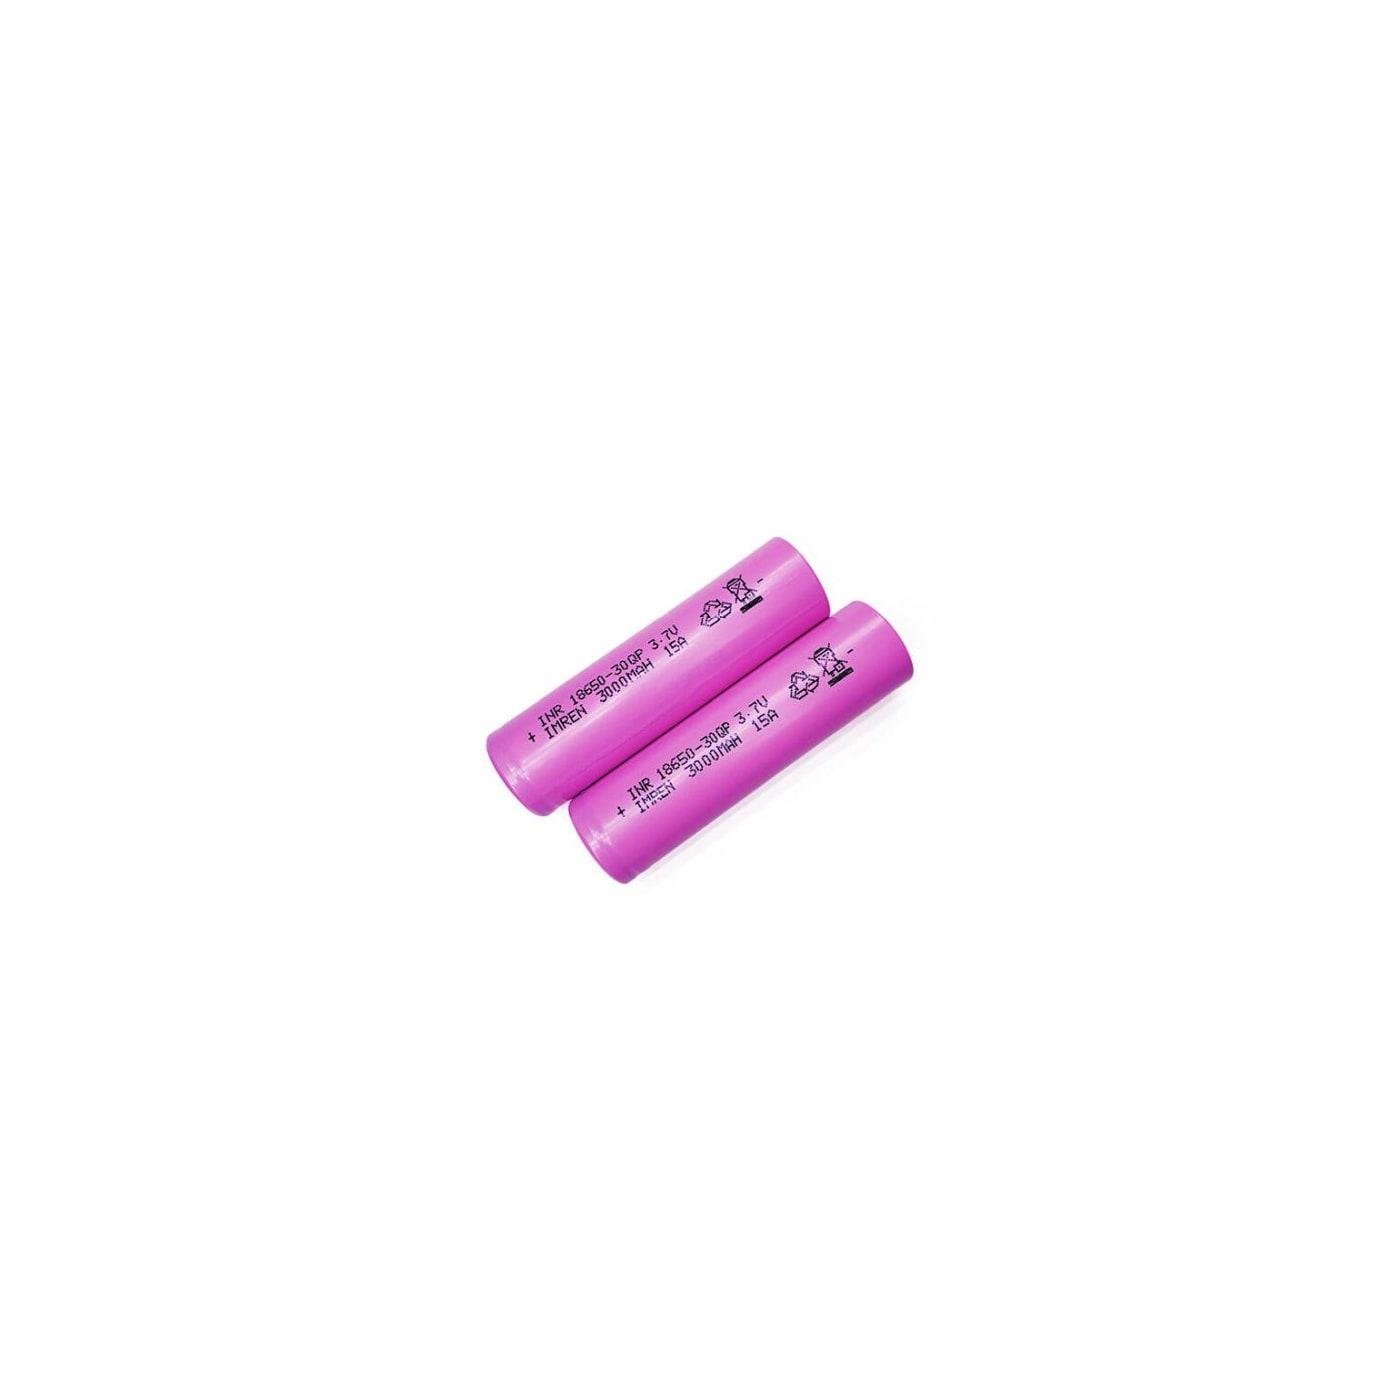 IMREN 30Q 15A 18650 3000 MAH - 2 Pack